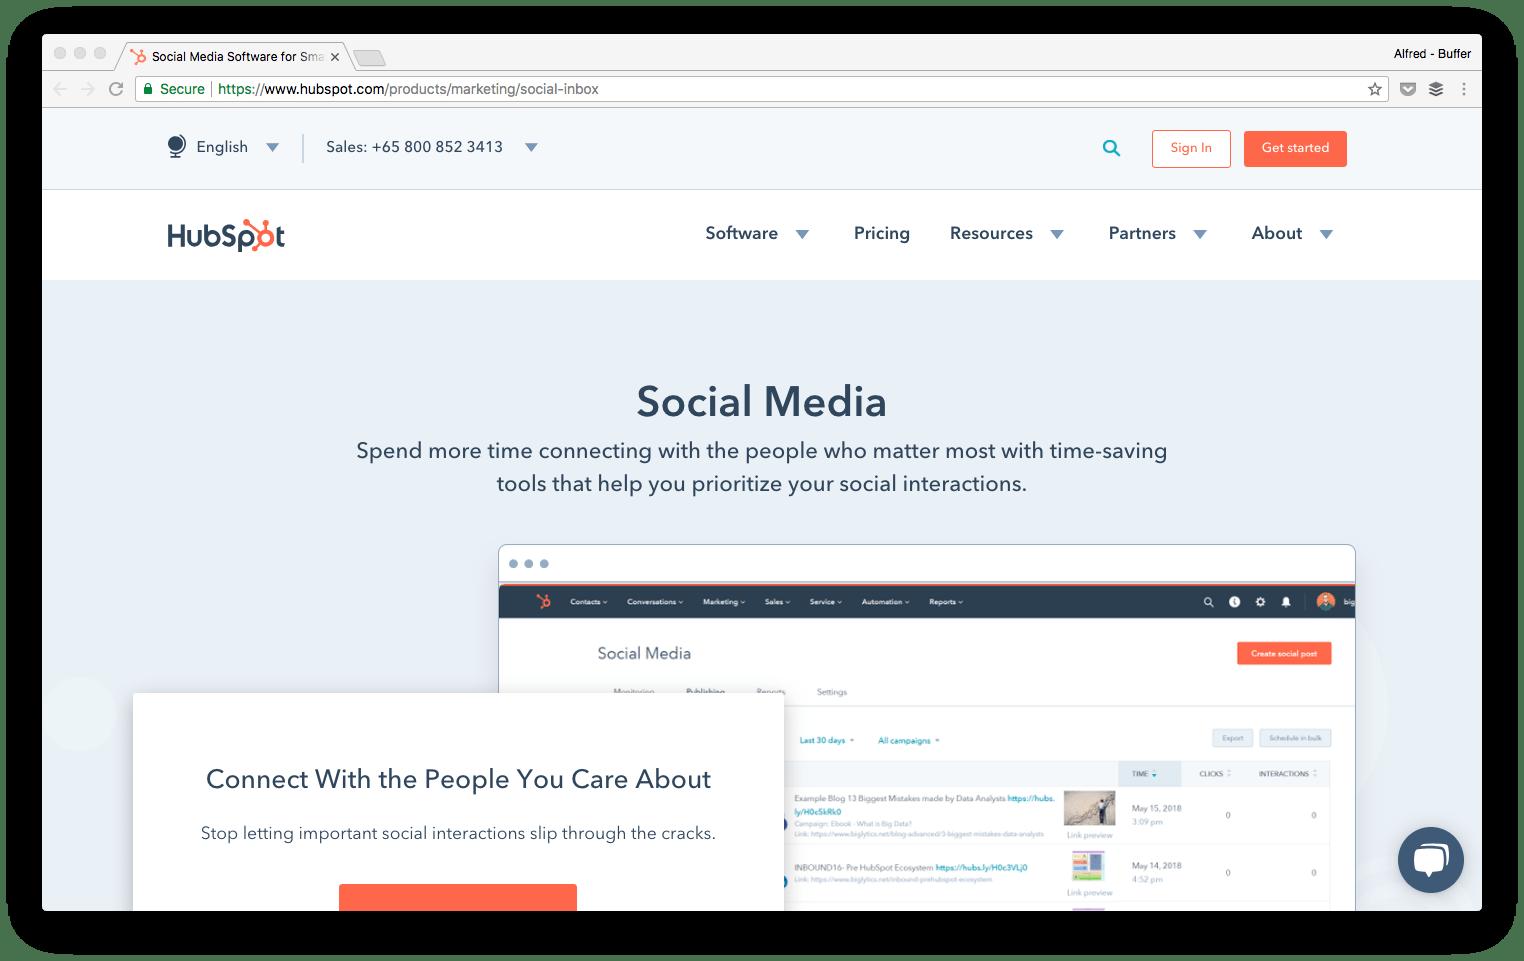 hu social media tool